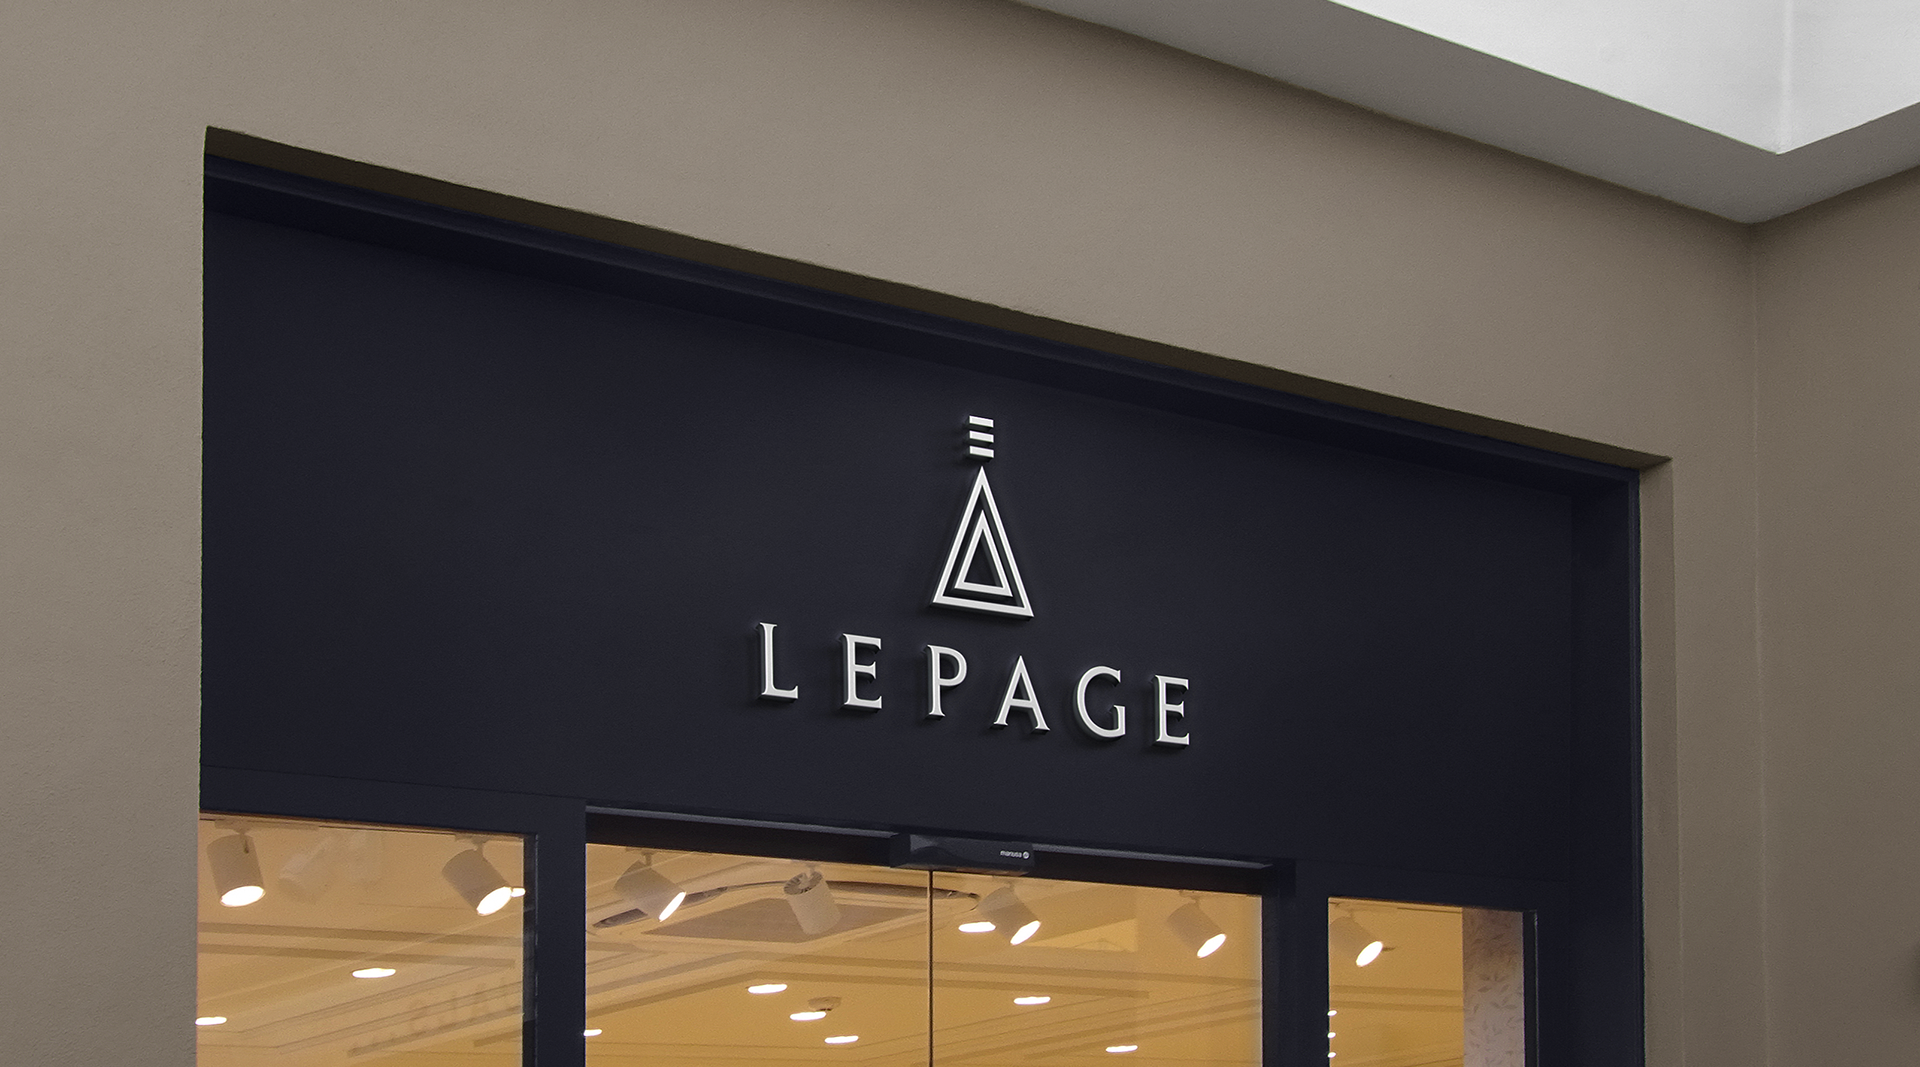 LepageLogotype-copie-9